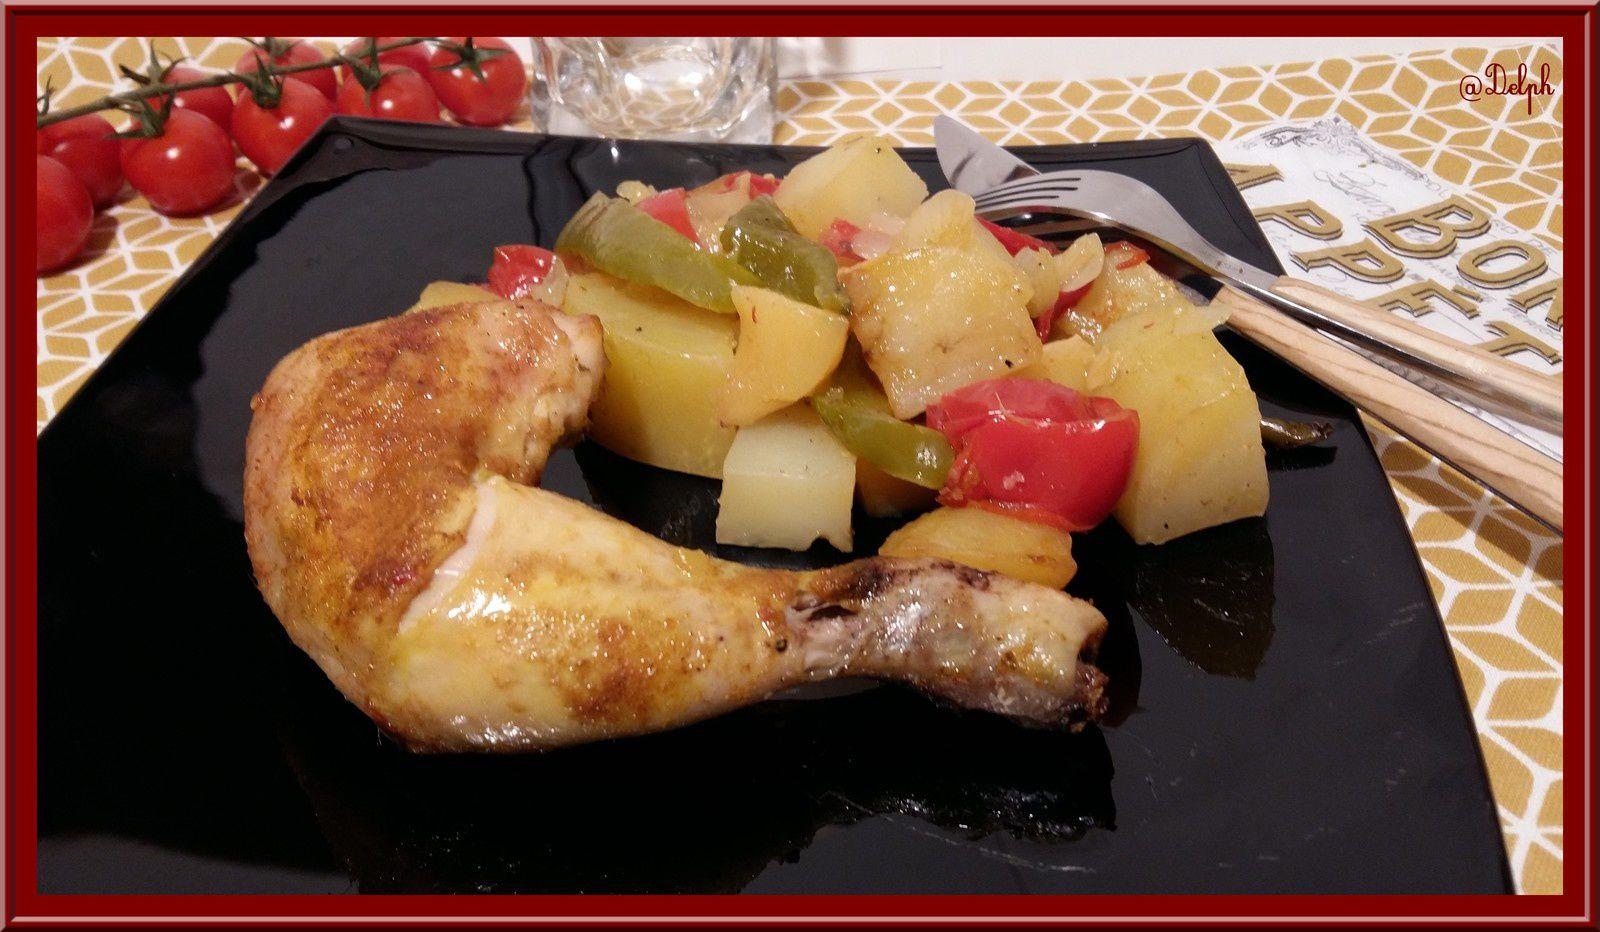 Cuisses de Poulet rôti à l'huile d'argan et aux petits légumes